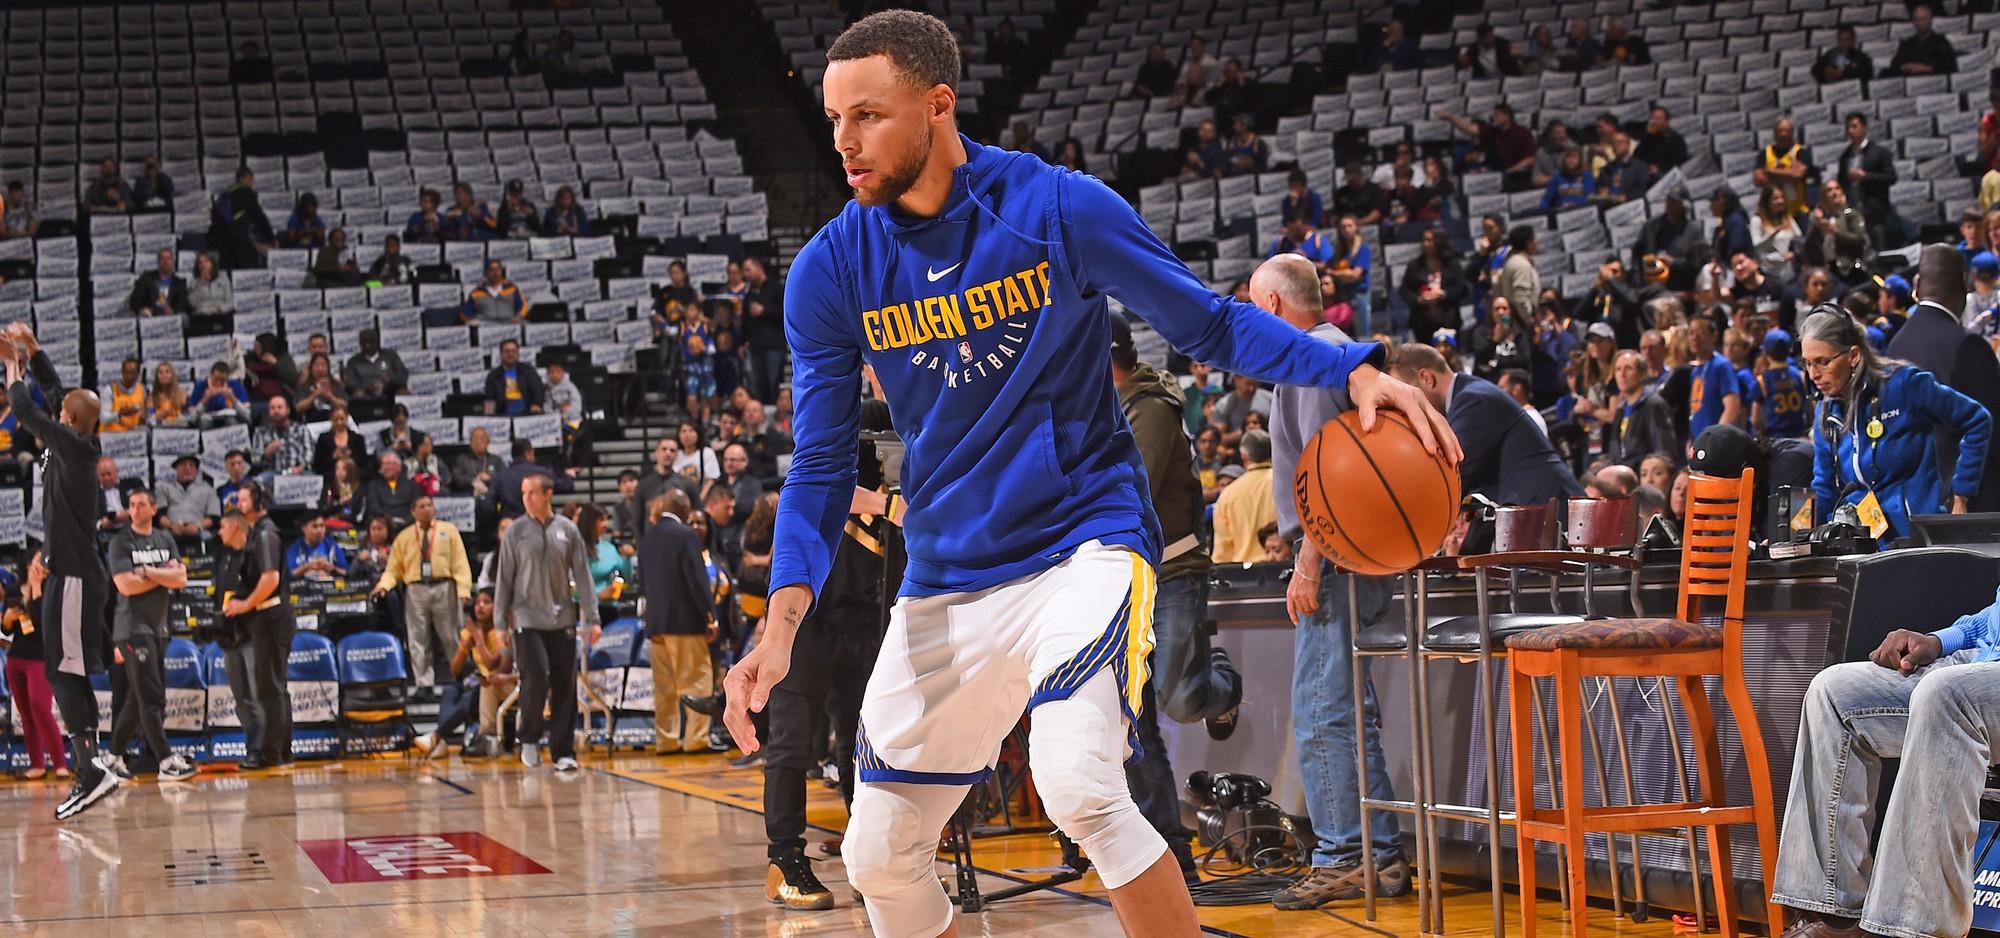 Xạ thủ Utah Jazz tuyên bố mình là tay ném khủng nhất NBA, Stephen Curry phản damage ngay lập tức - Ảnh 2.